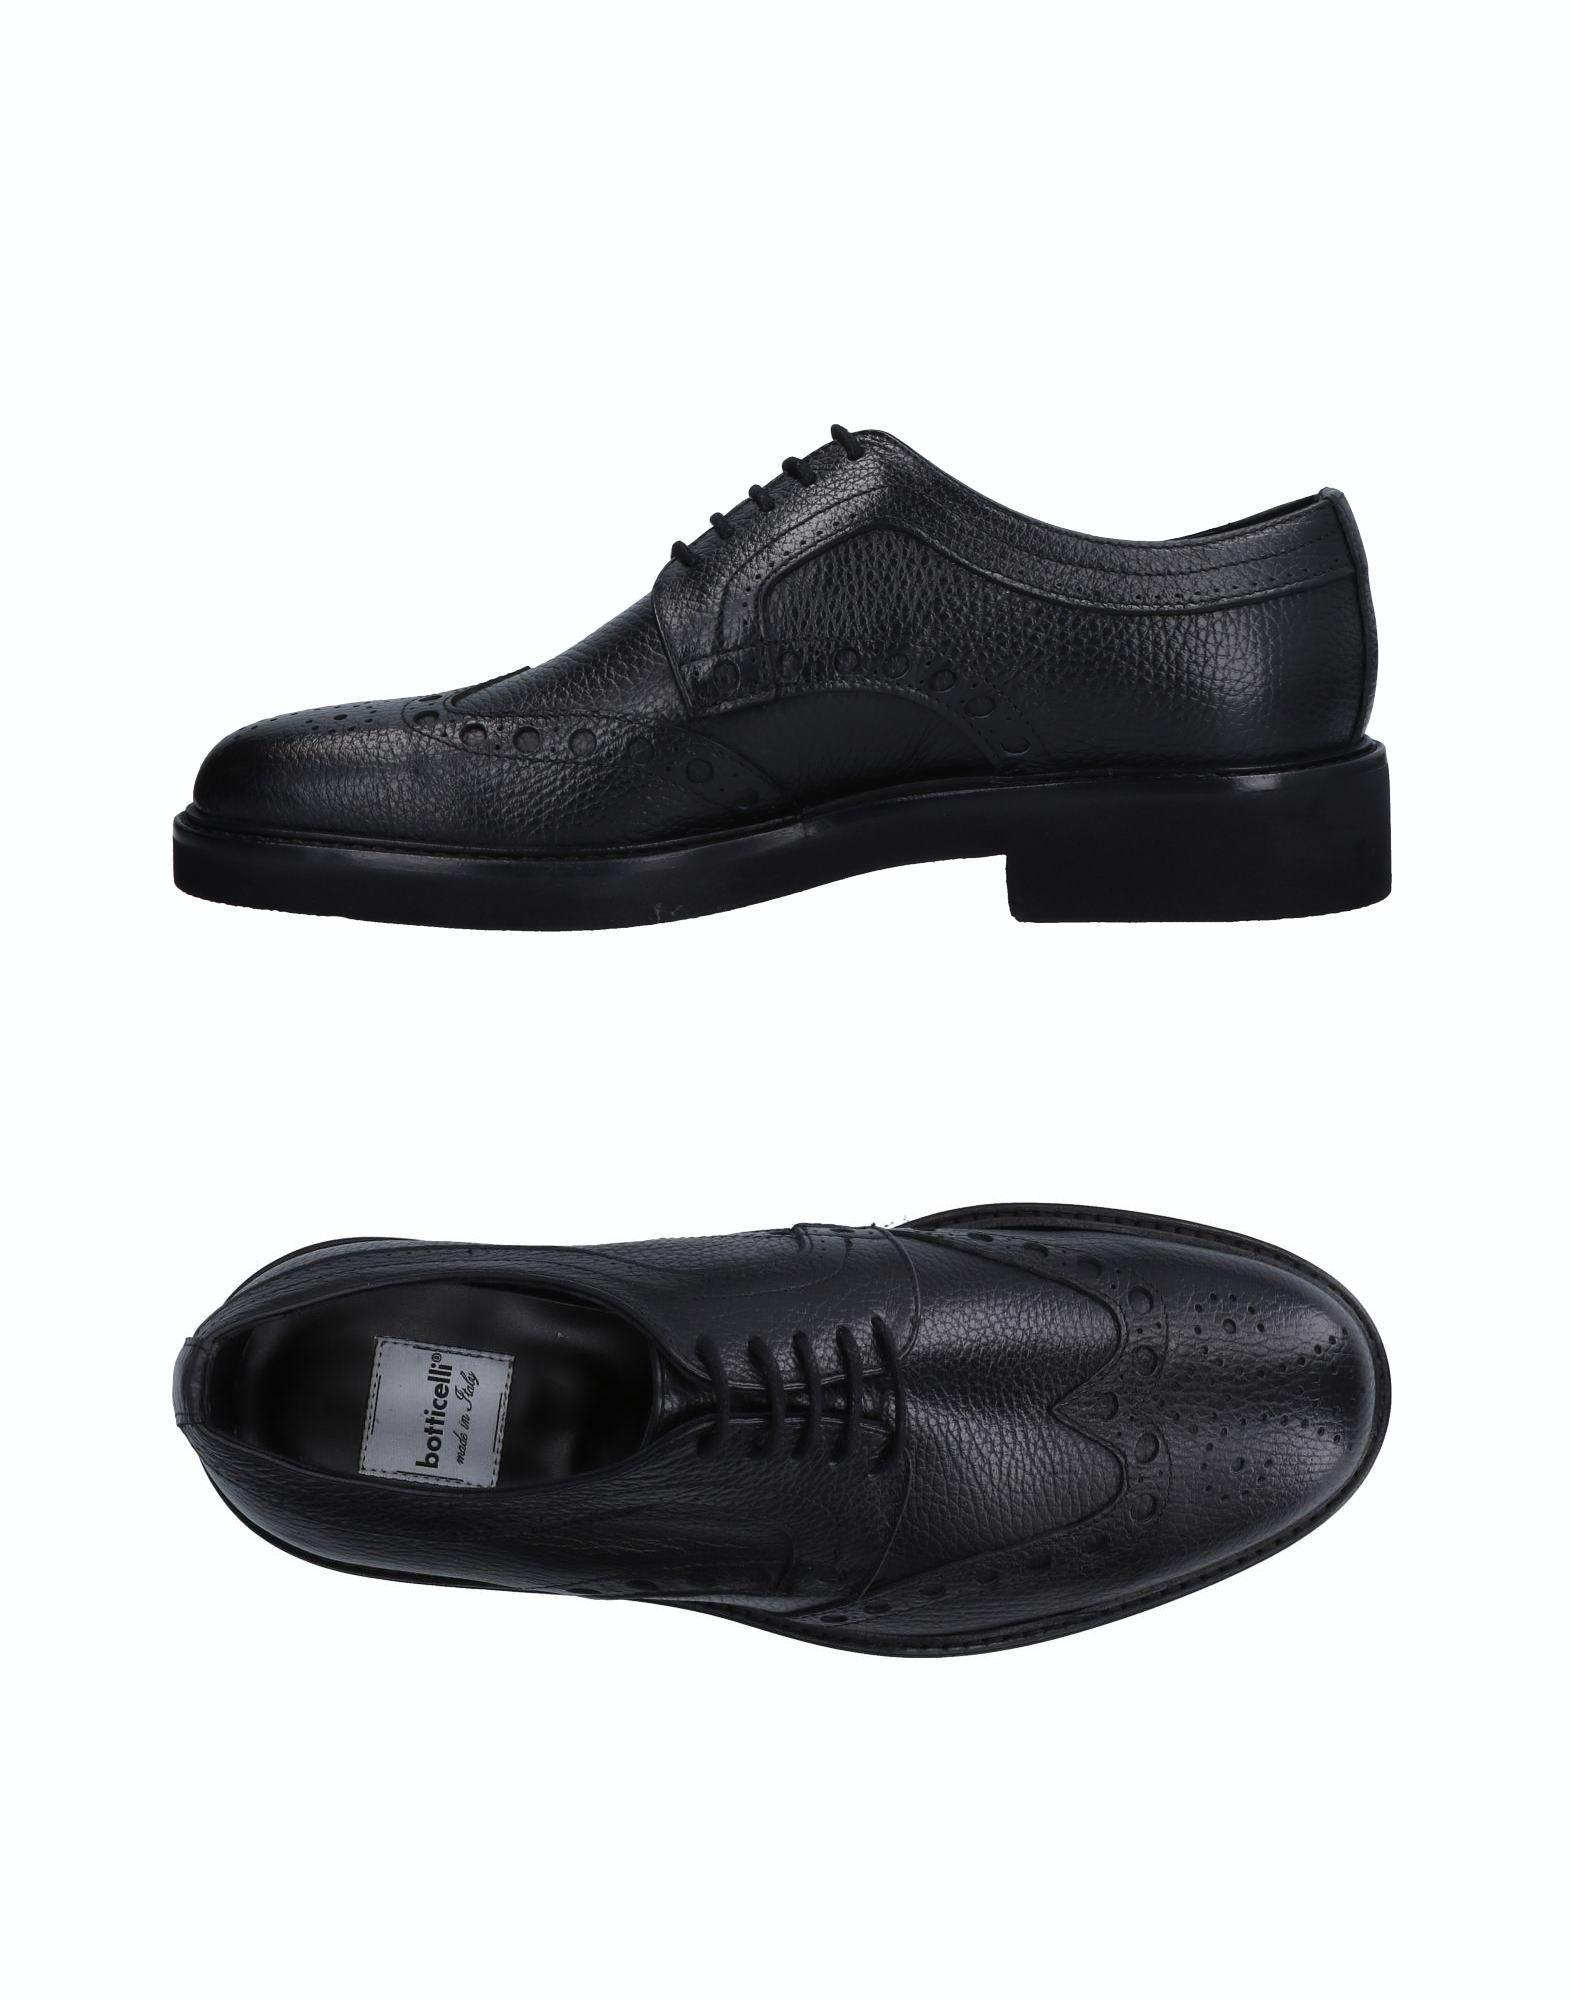 Roberto Botticelli Schnürschuhe Herren  Schuhe 11515584GX Gute Qualität beliebte Schuhe  3ed5b5